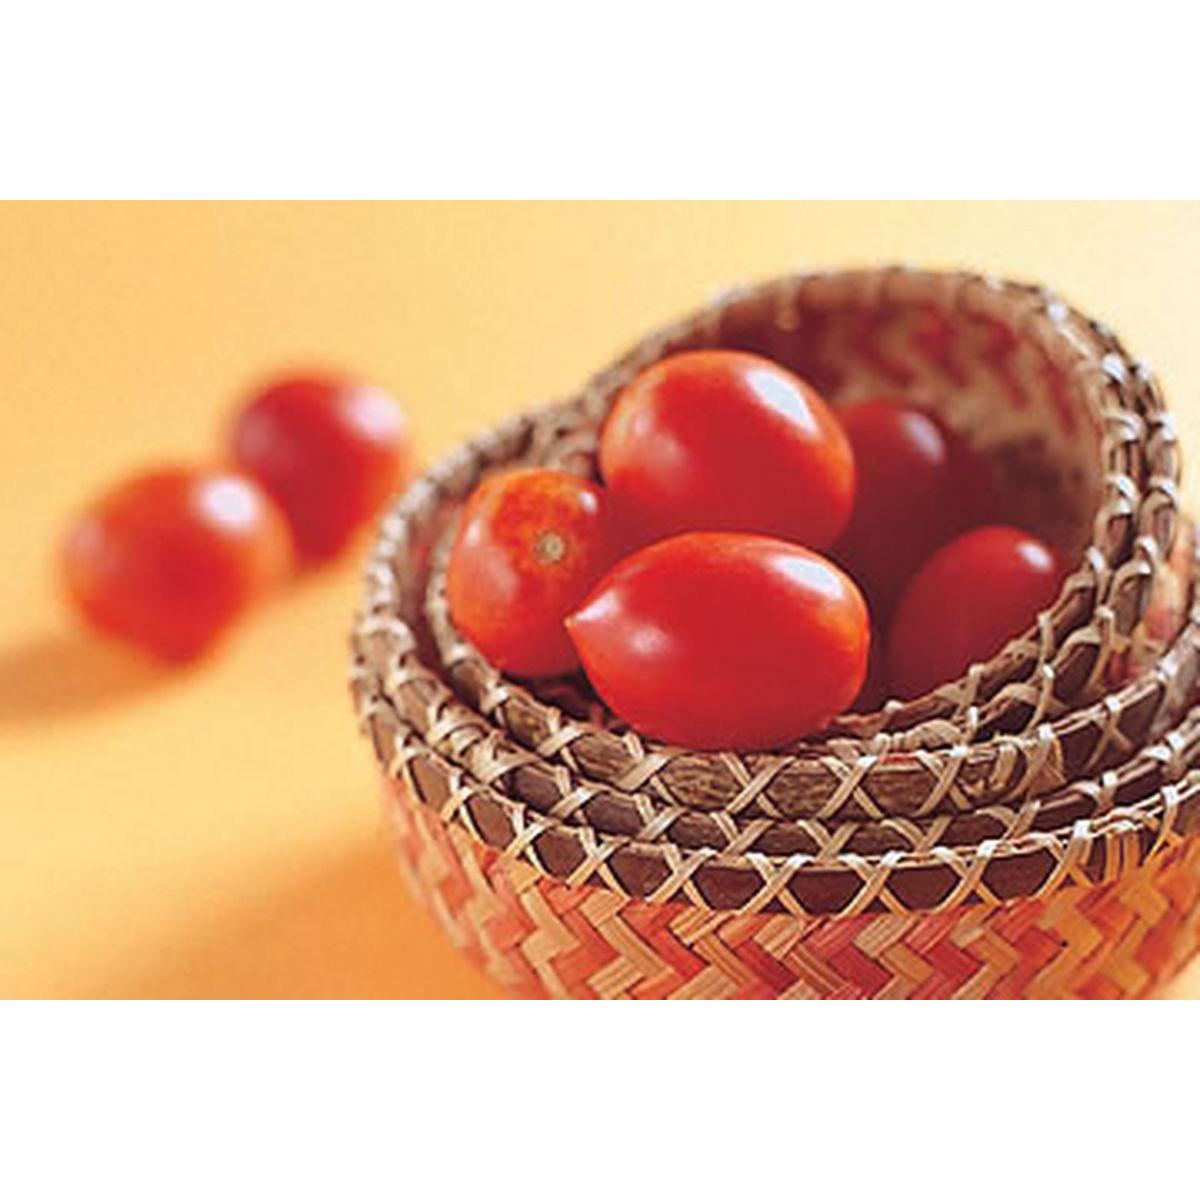 食譜:梅汁釀蕃茄